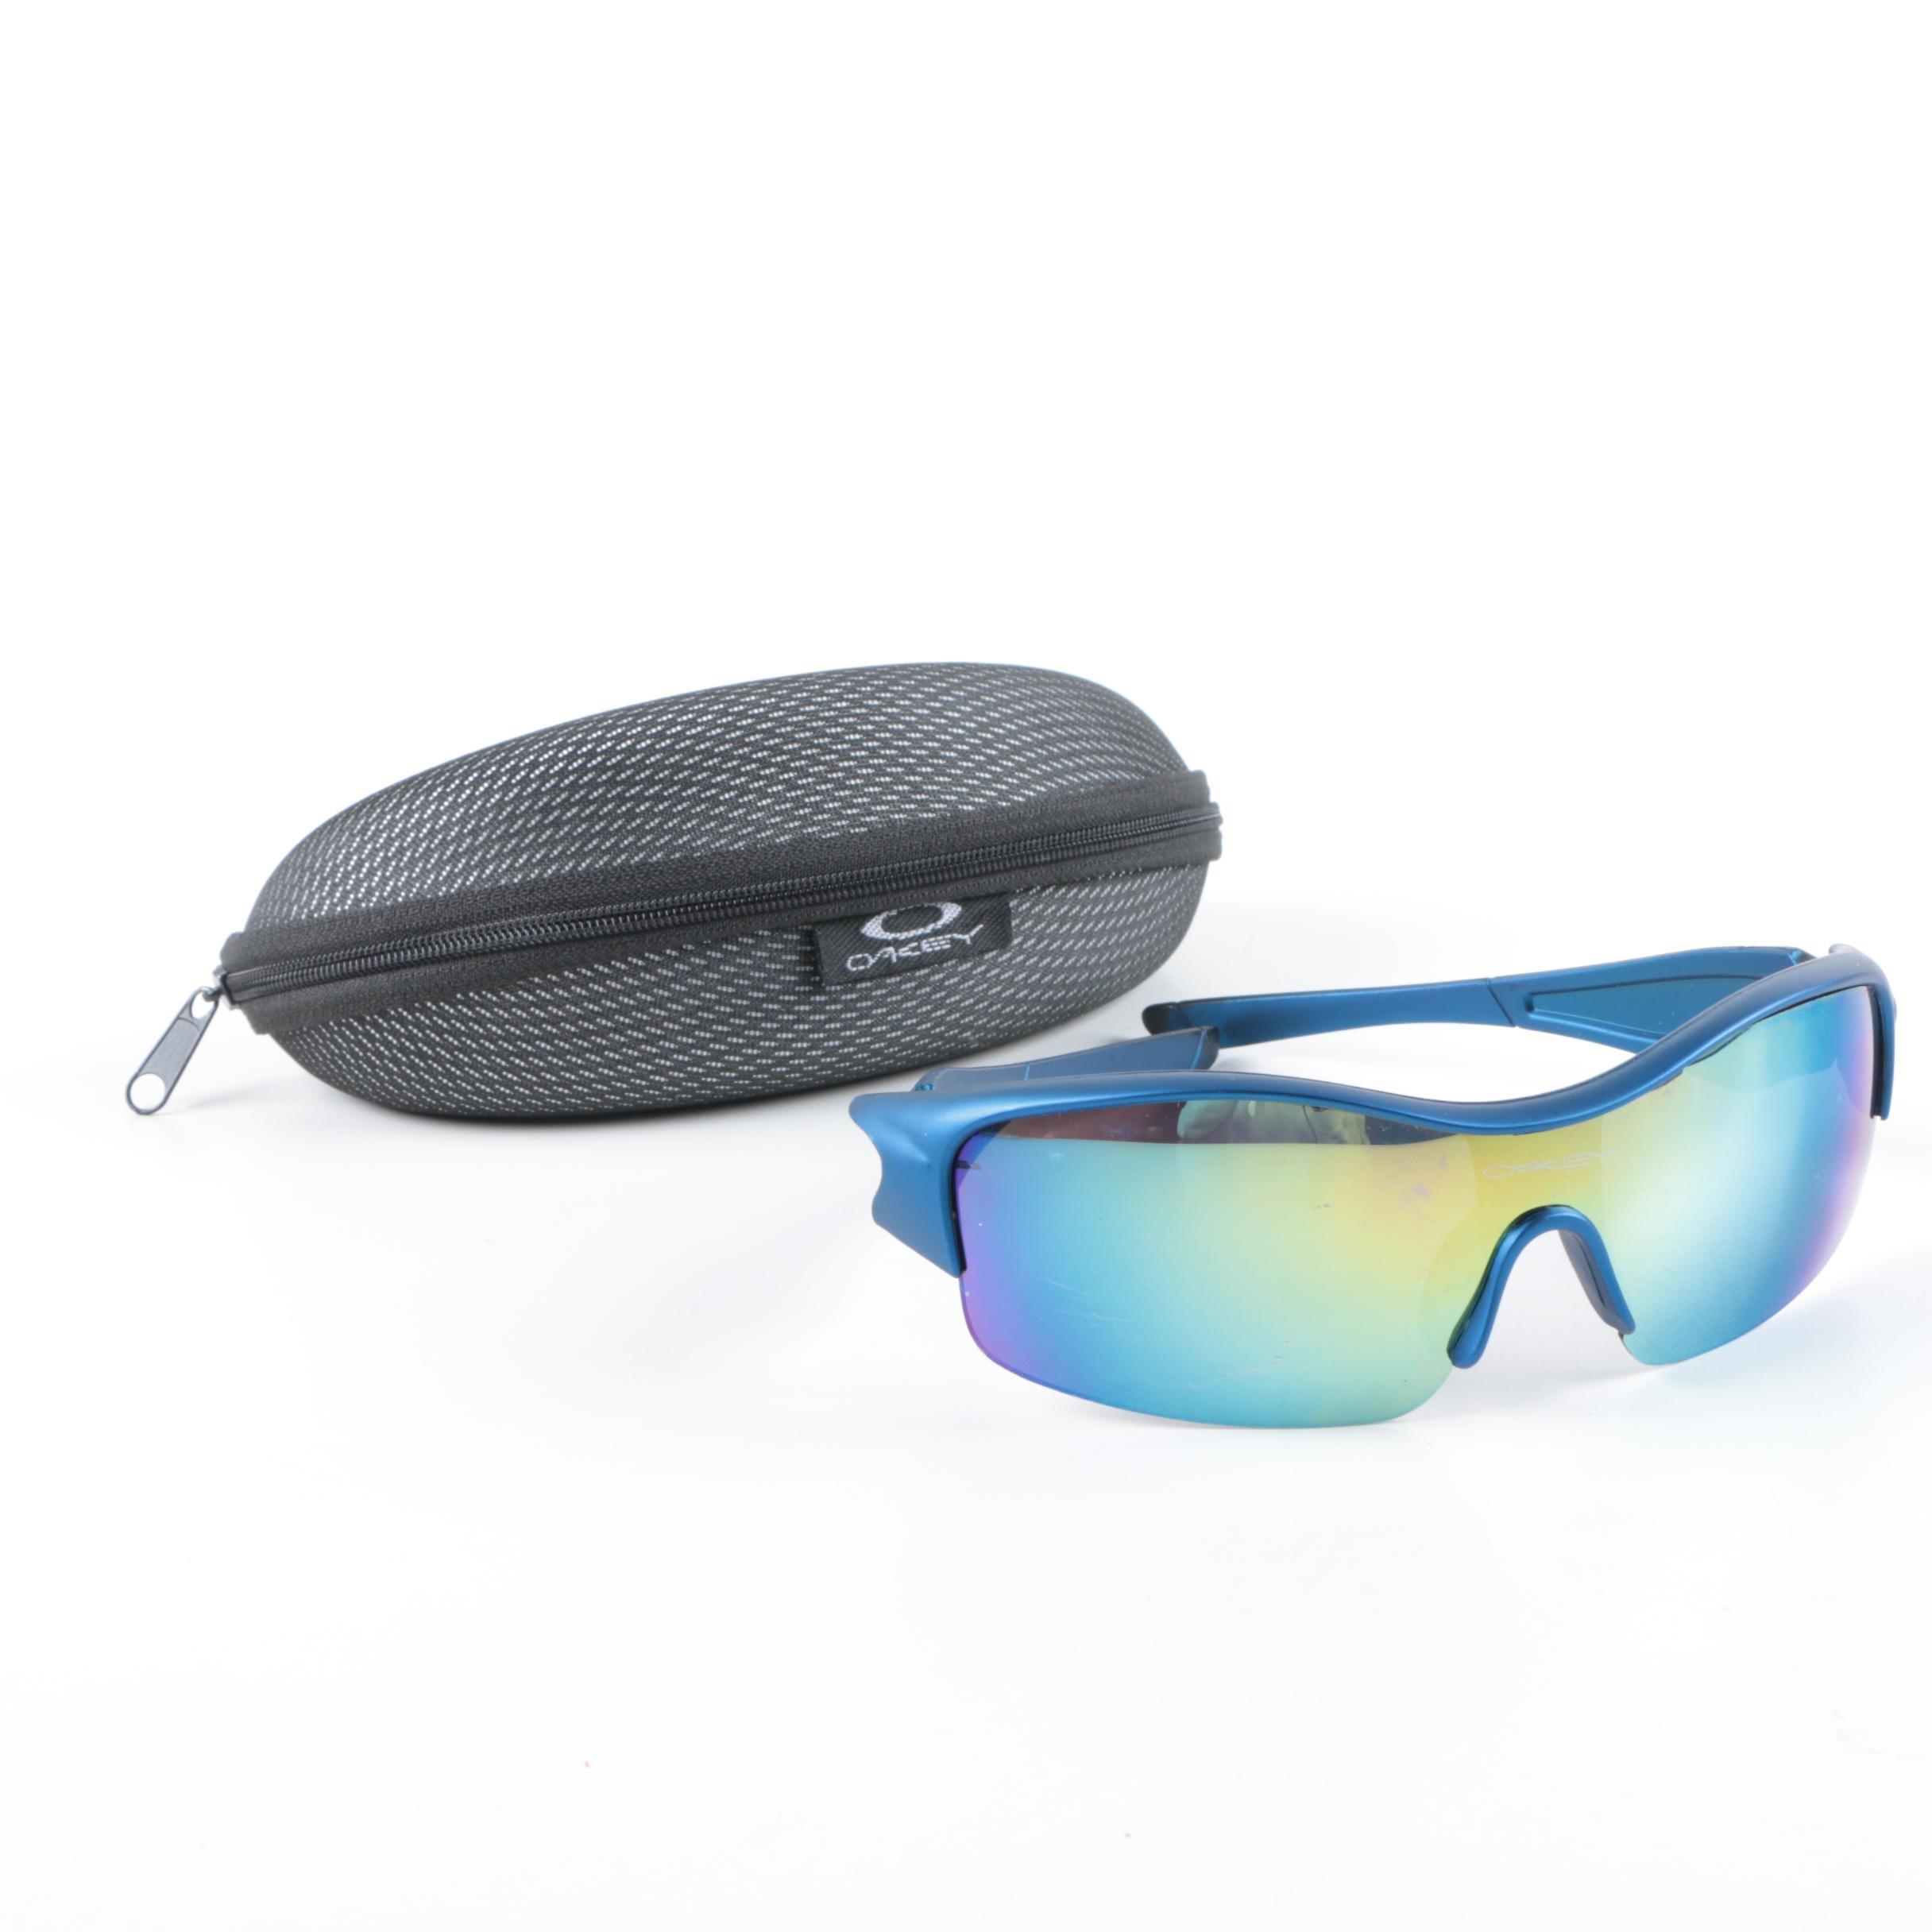 Oakley Sunglasses and Case